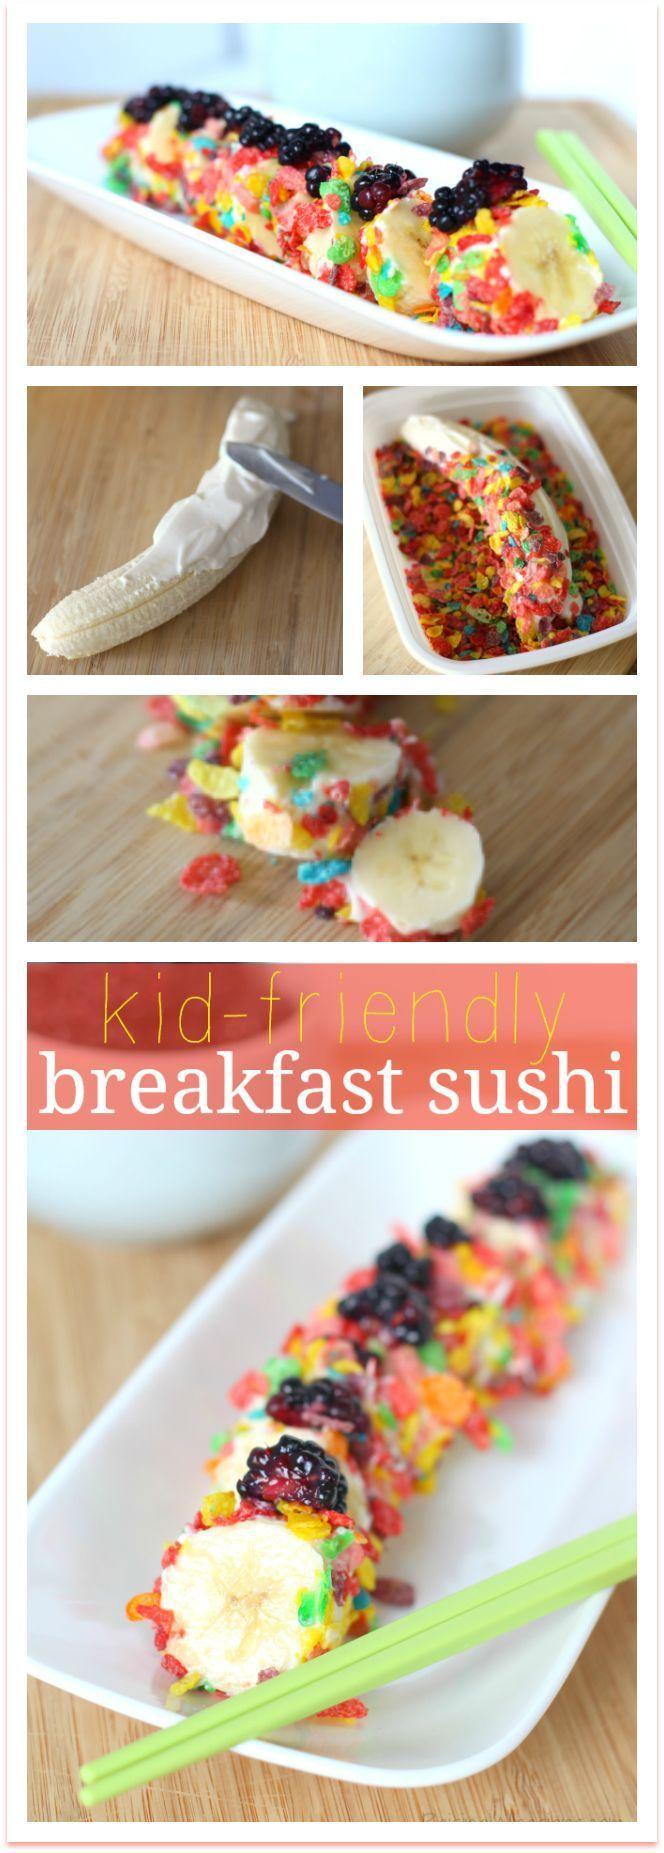 Kids Breakfast Sushi Recipe | Easy & FUN breakfast idea for kids - a perfect kid-friendly back-to-school breakfast too!